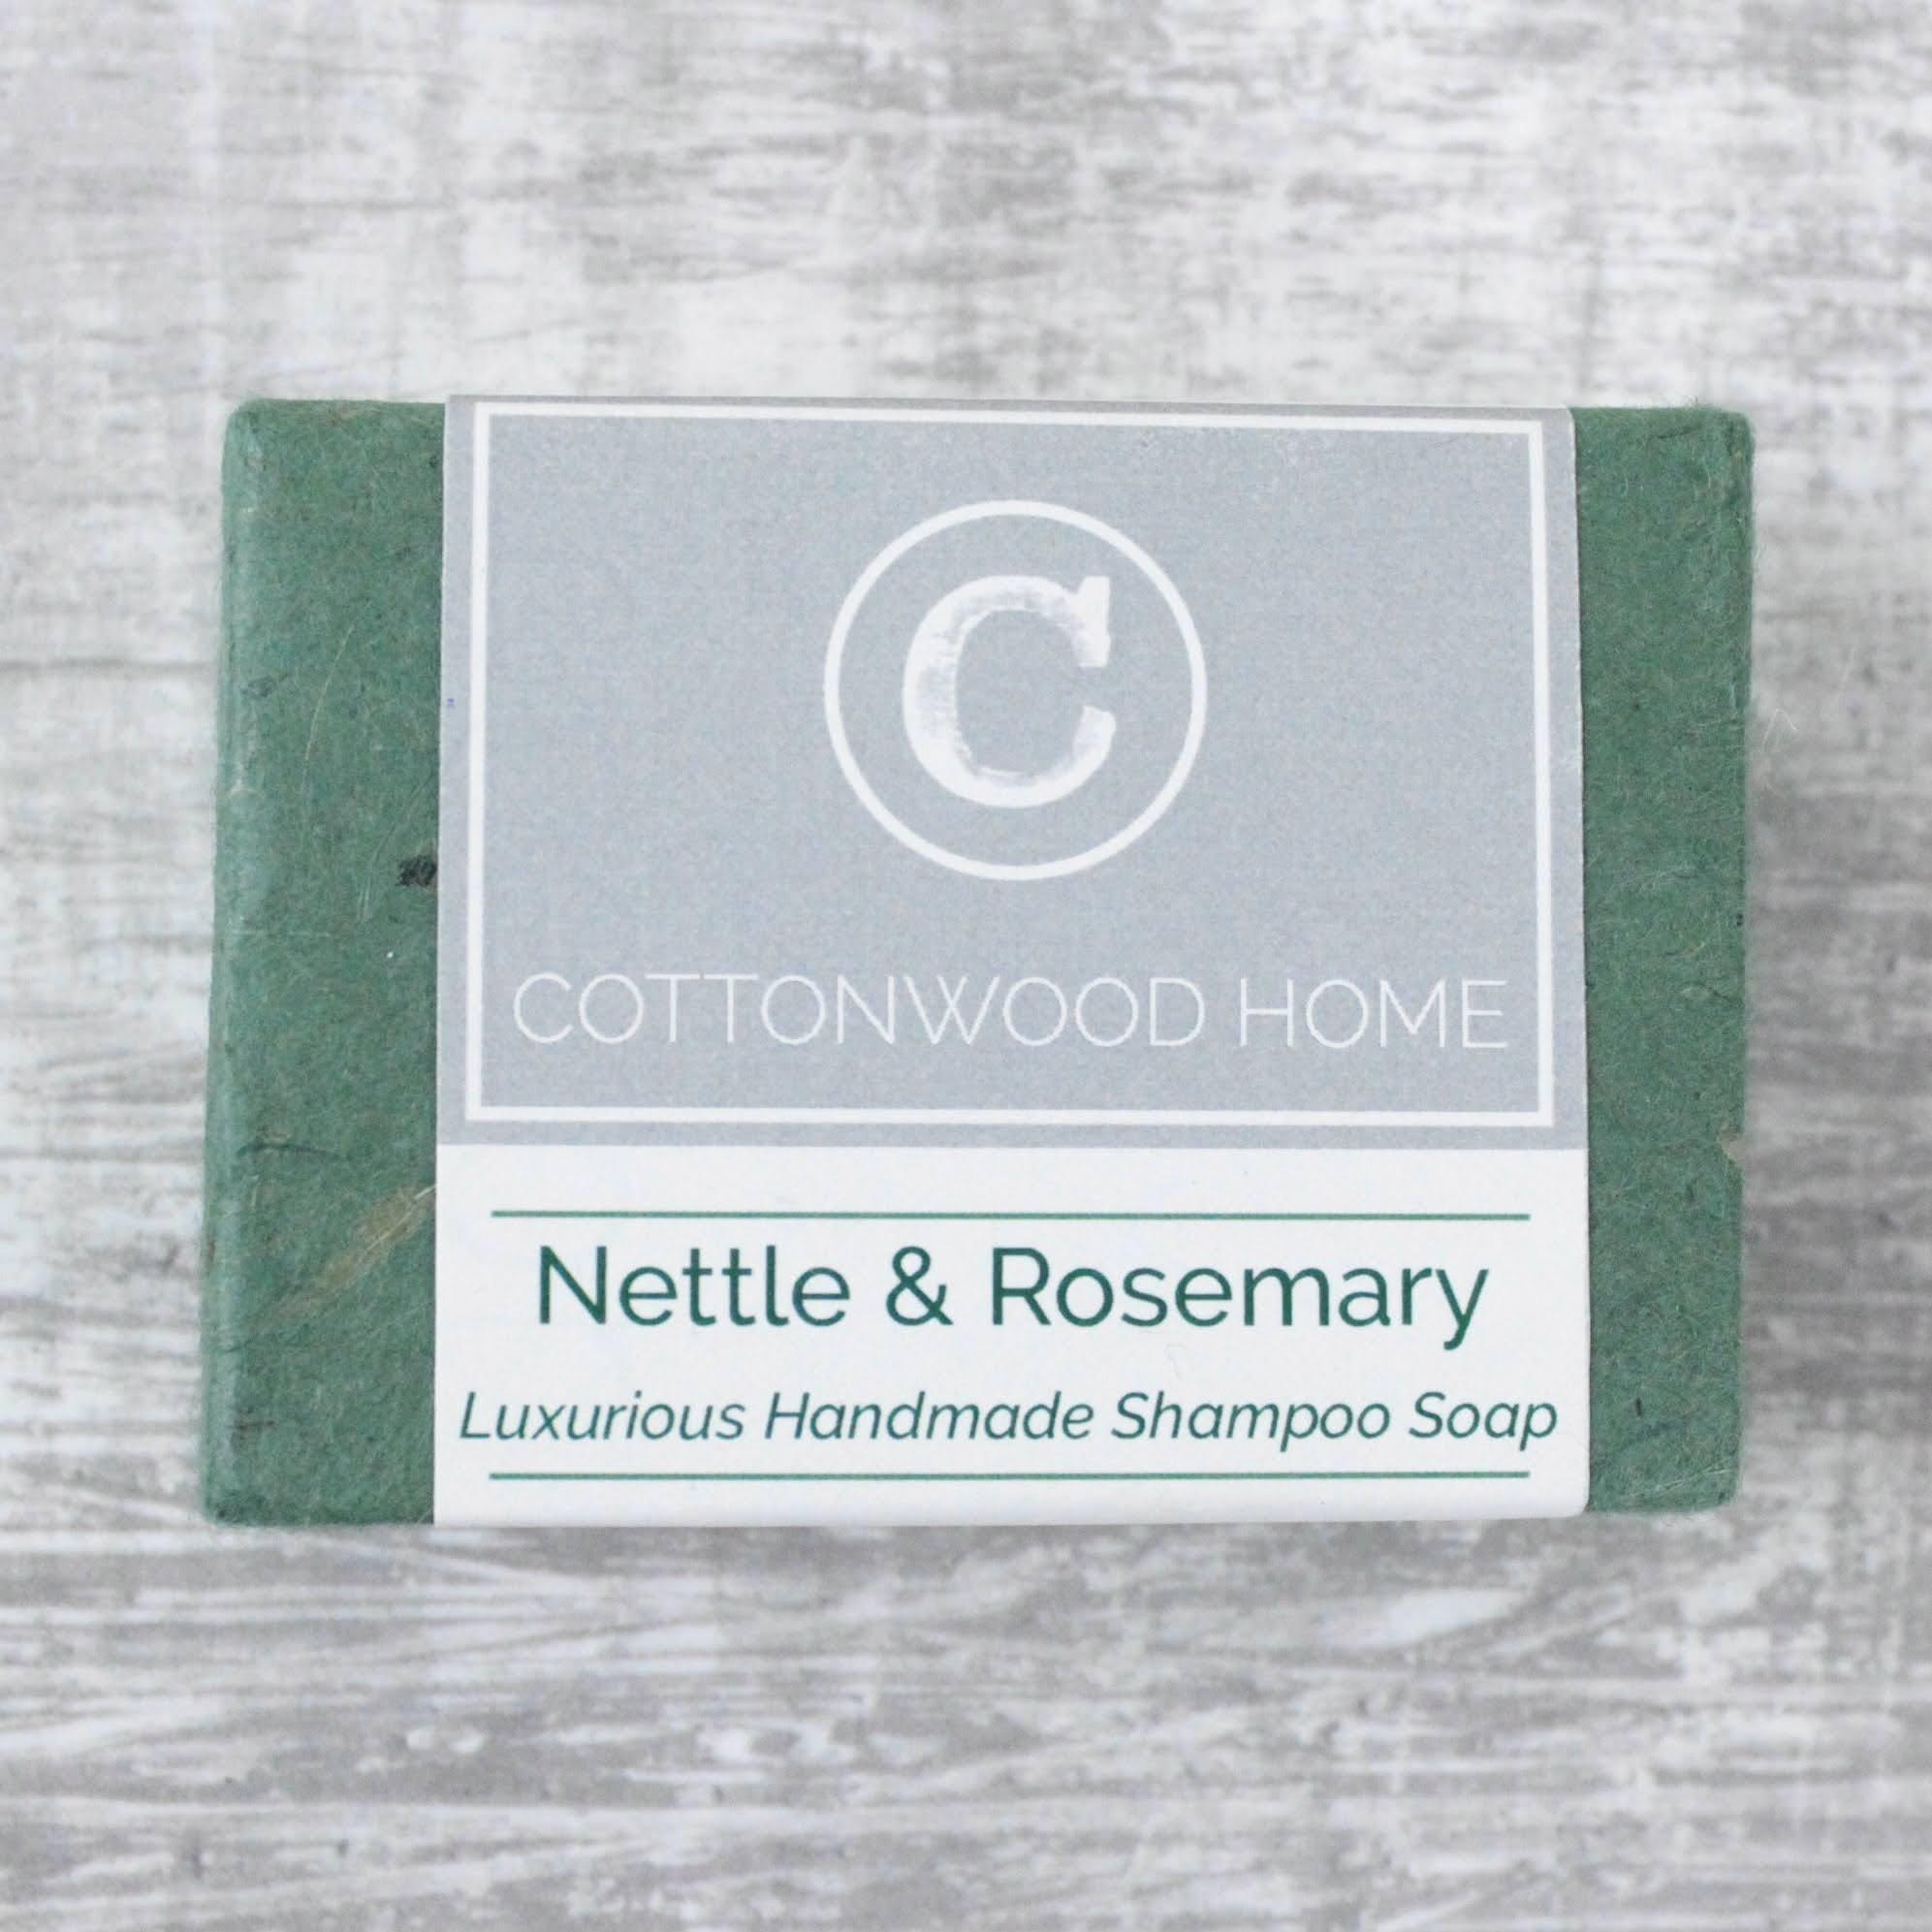 Cottonwood Shampoo - Nettle & Rosemary